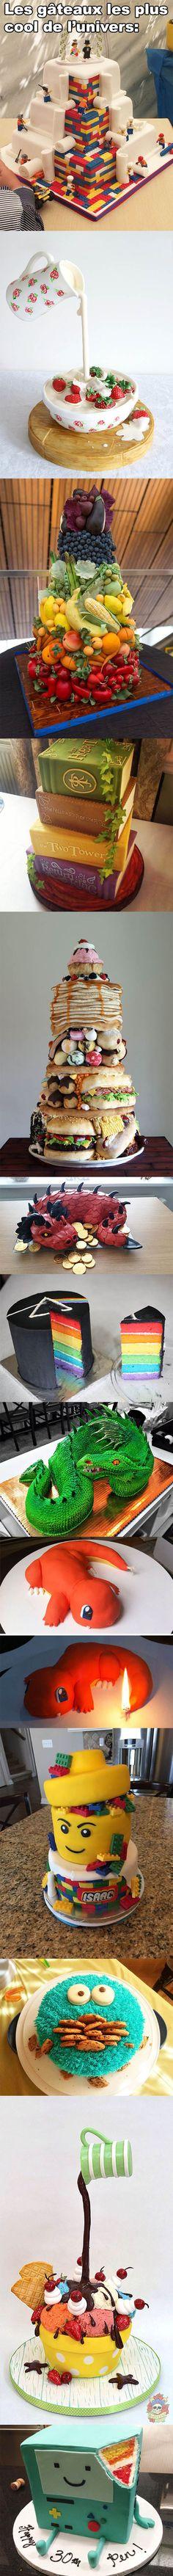 ConneriesQc - Version Mobilette » Les gâteaux les plus cool de l'univers